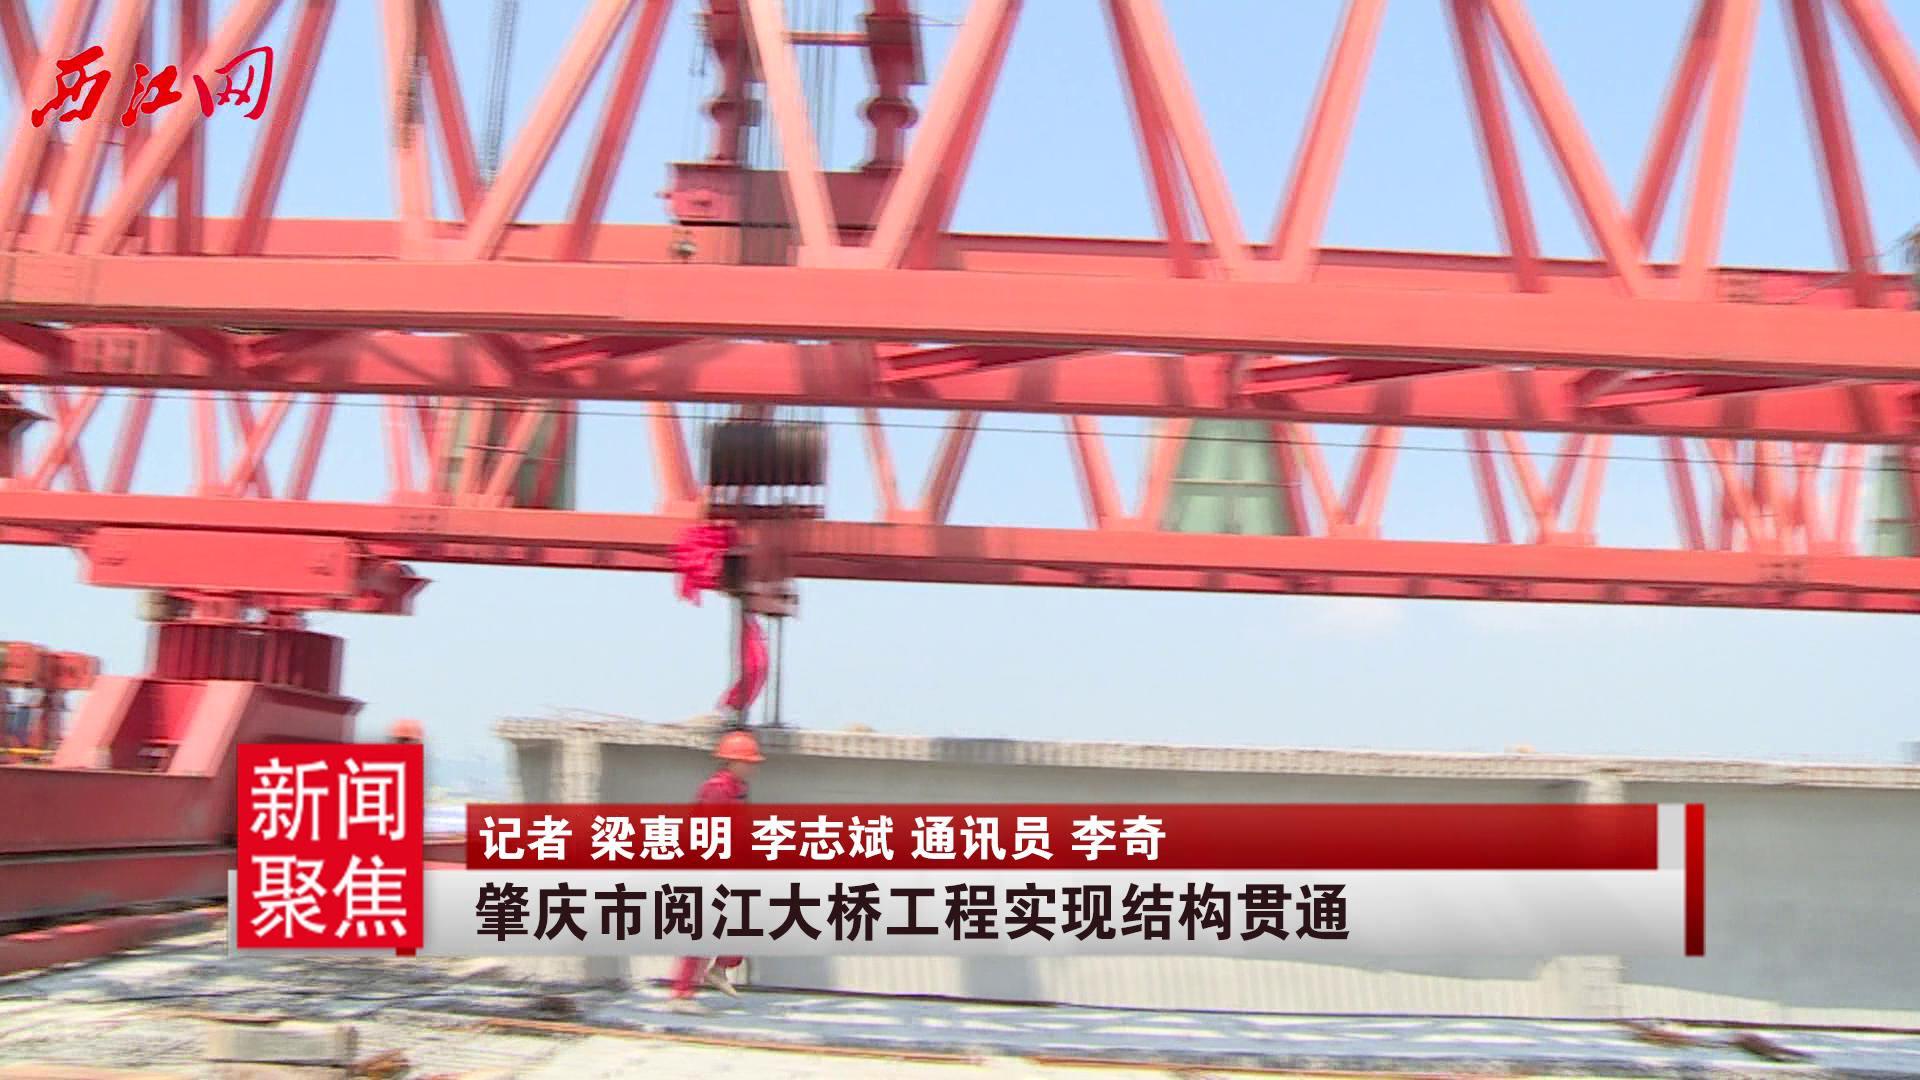 肇庆市阅江大桥工程实现结构贯通